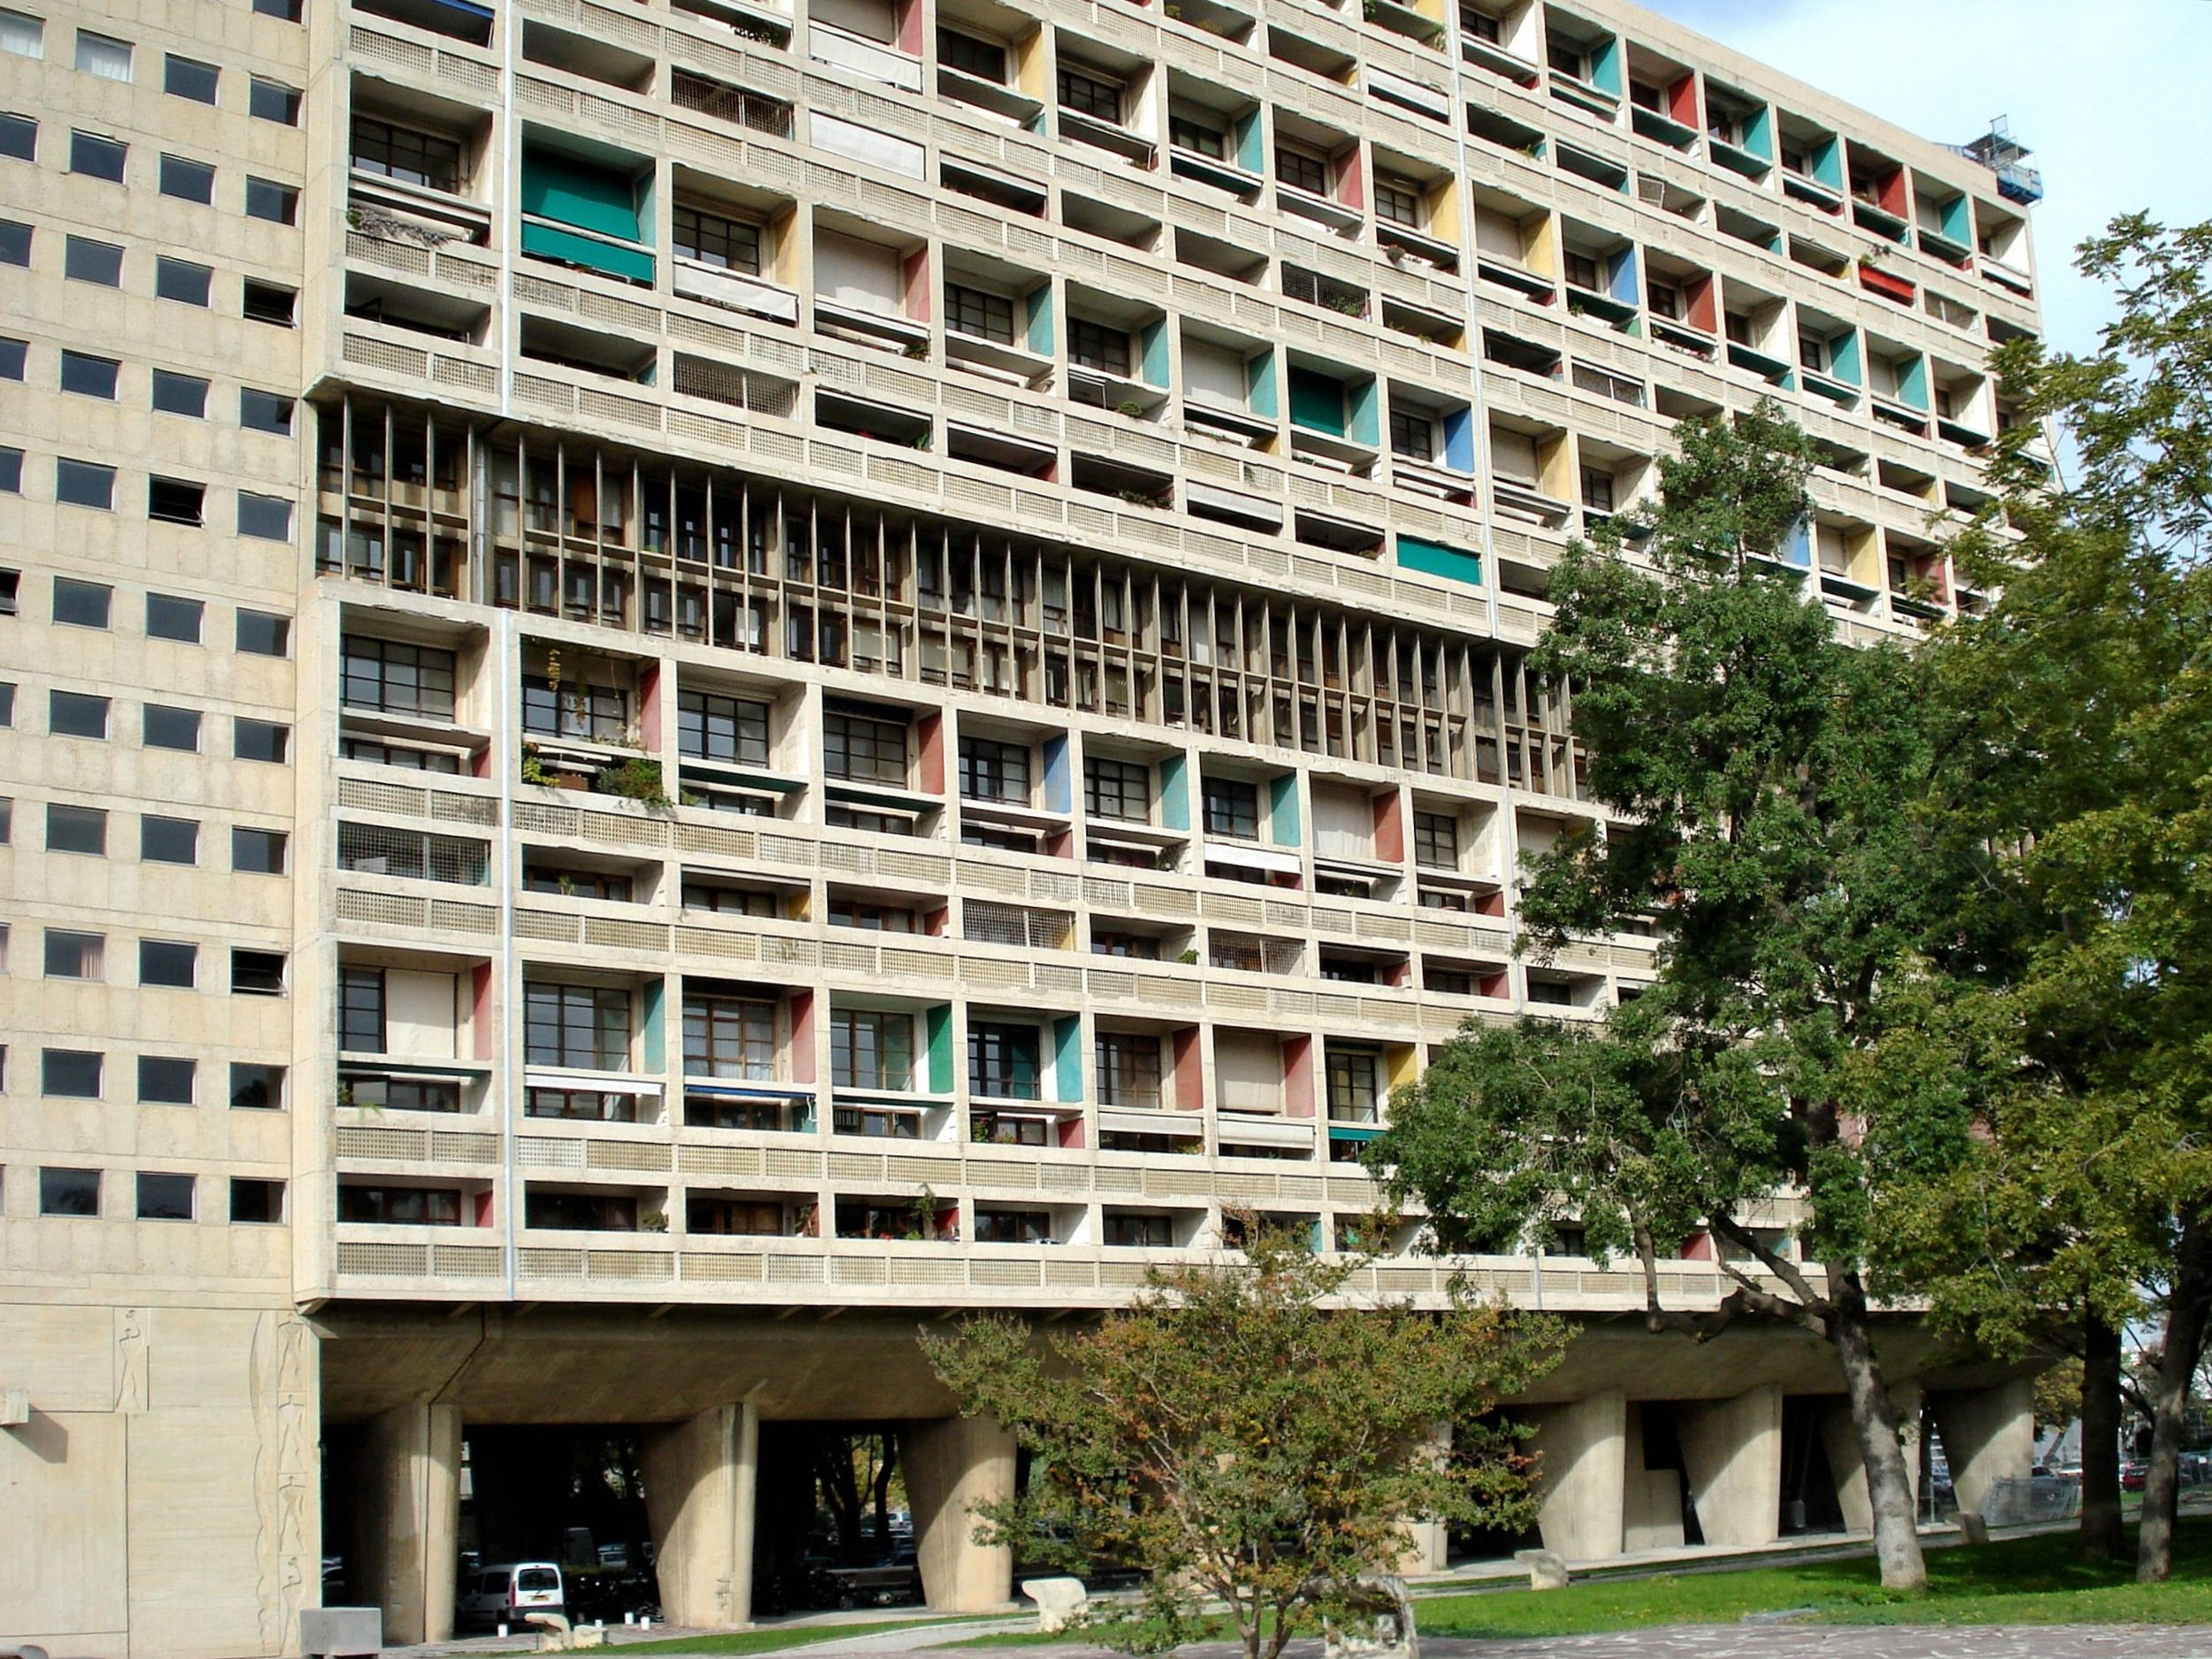 Unité d'Habitation (Cite Radieuse), Marseille, 194752, by